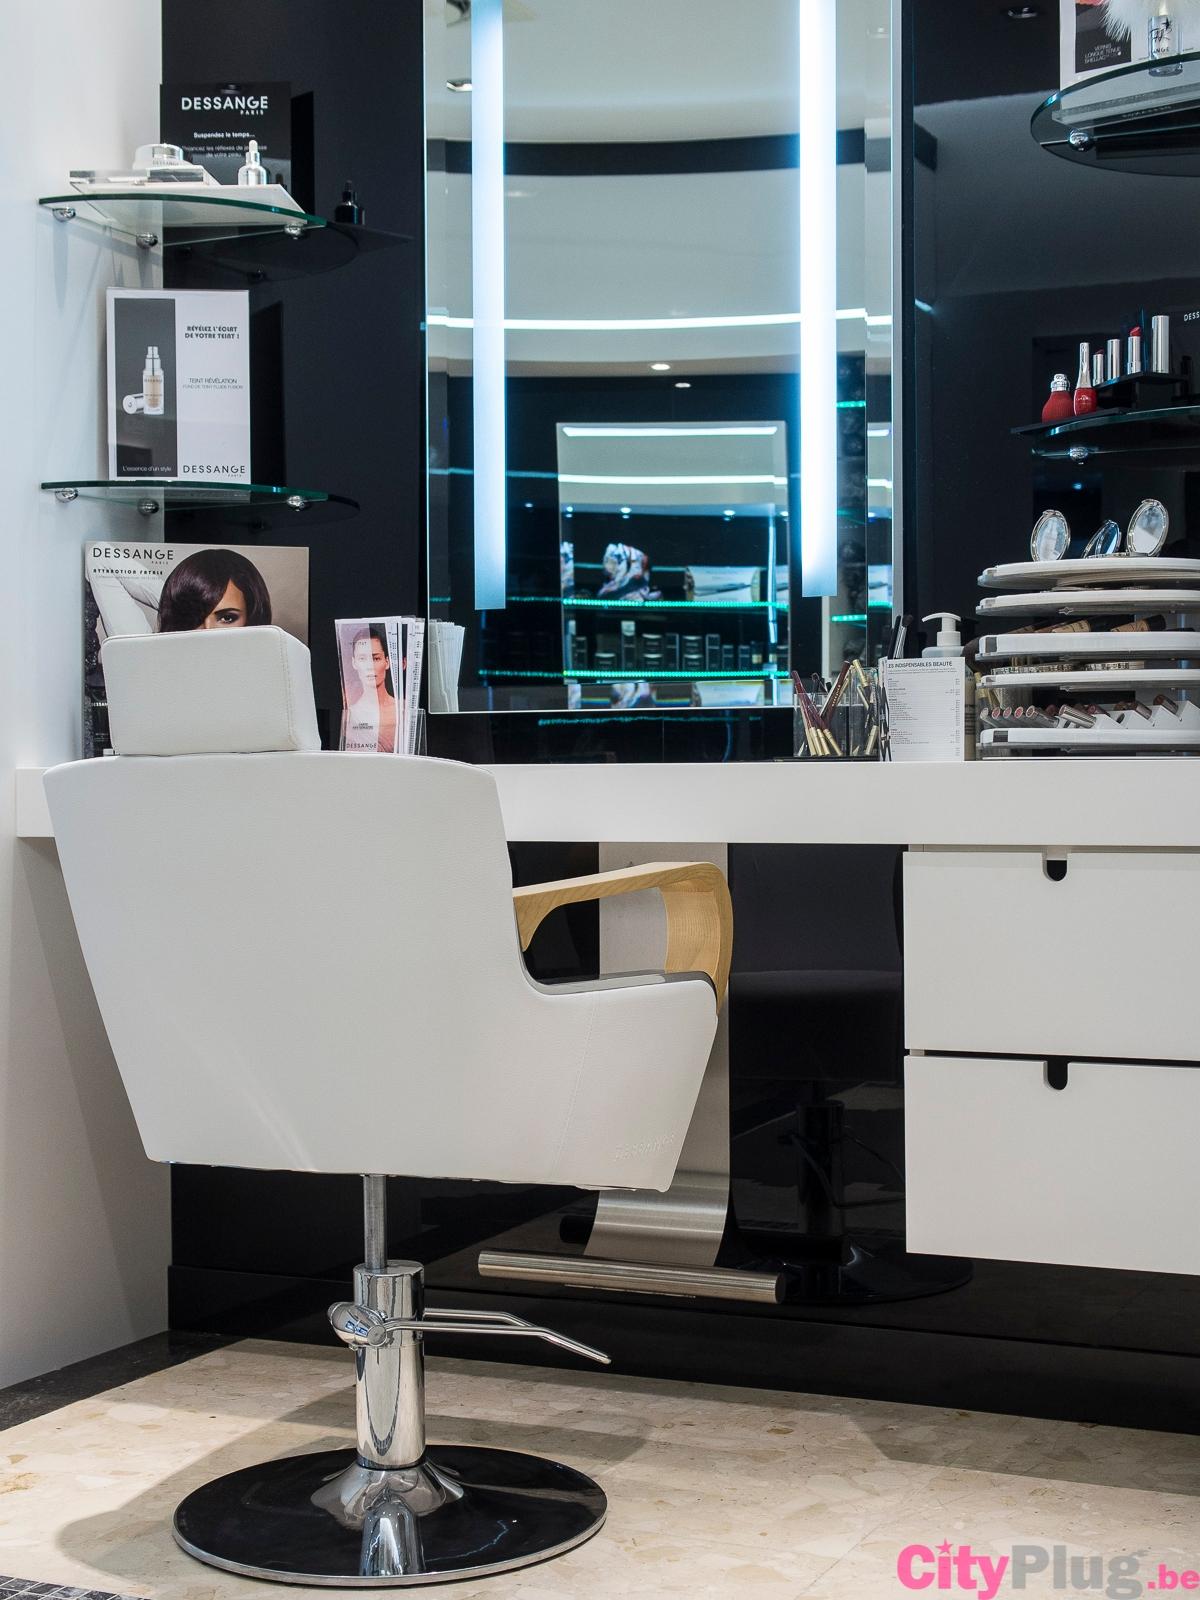 Google maps for Dessange salon de coiffure